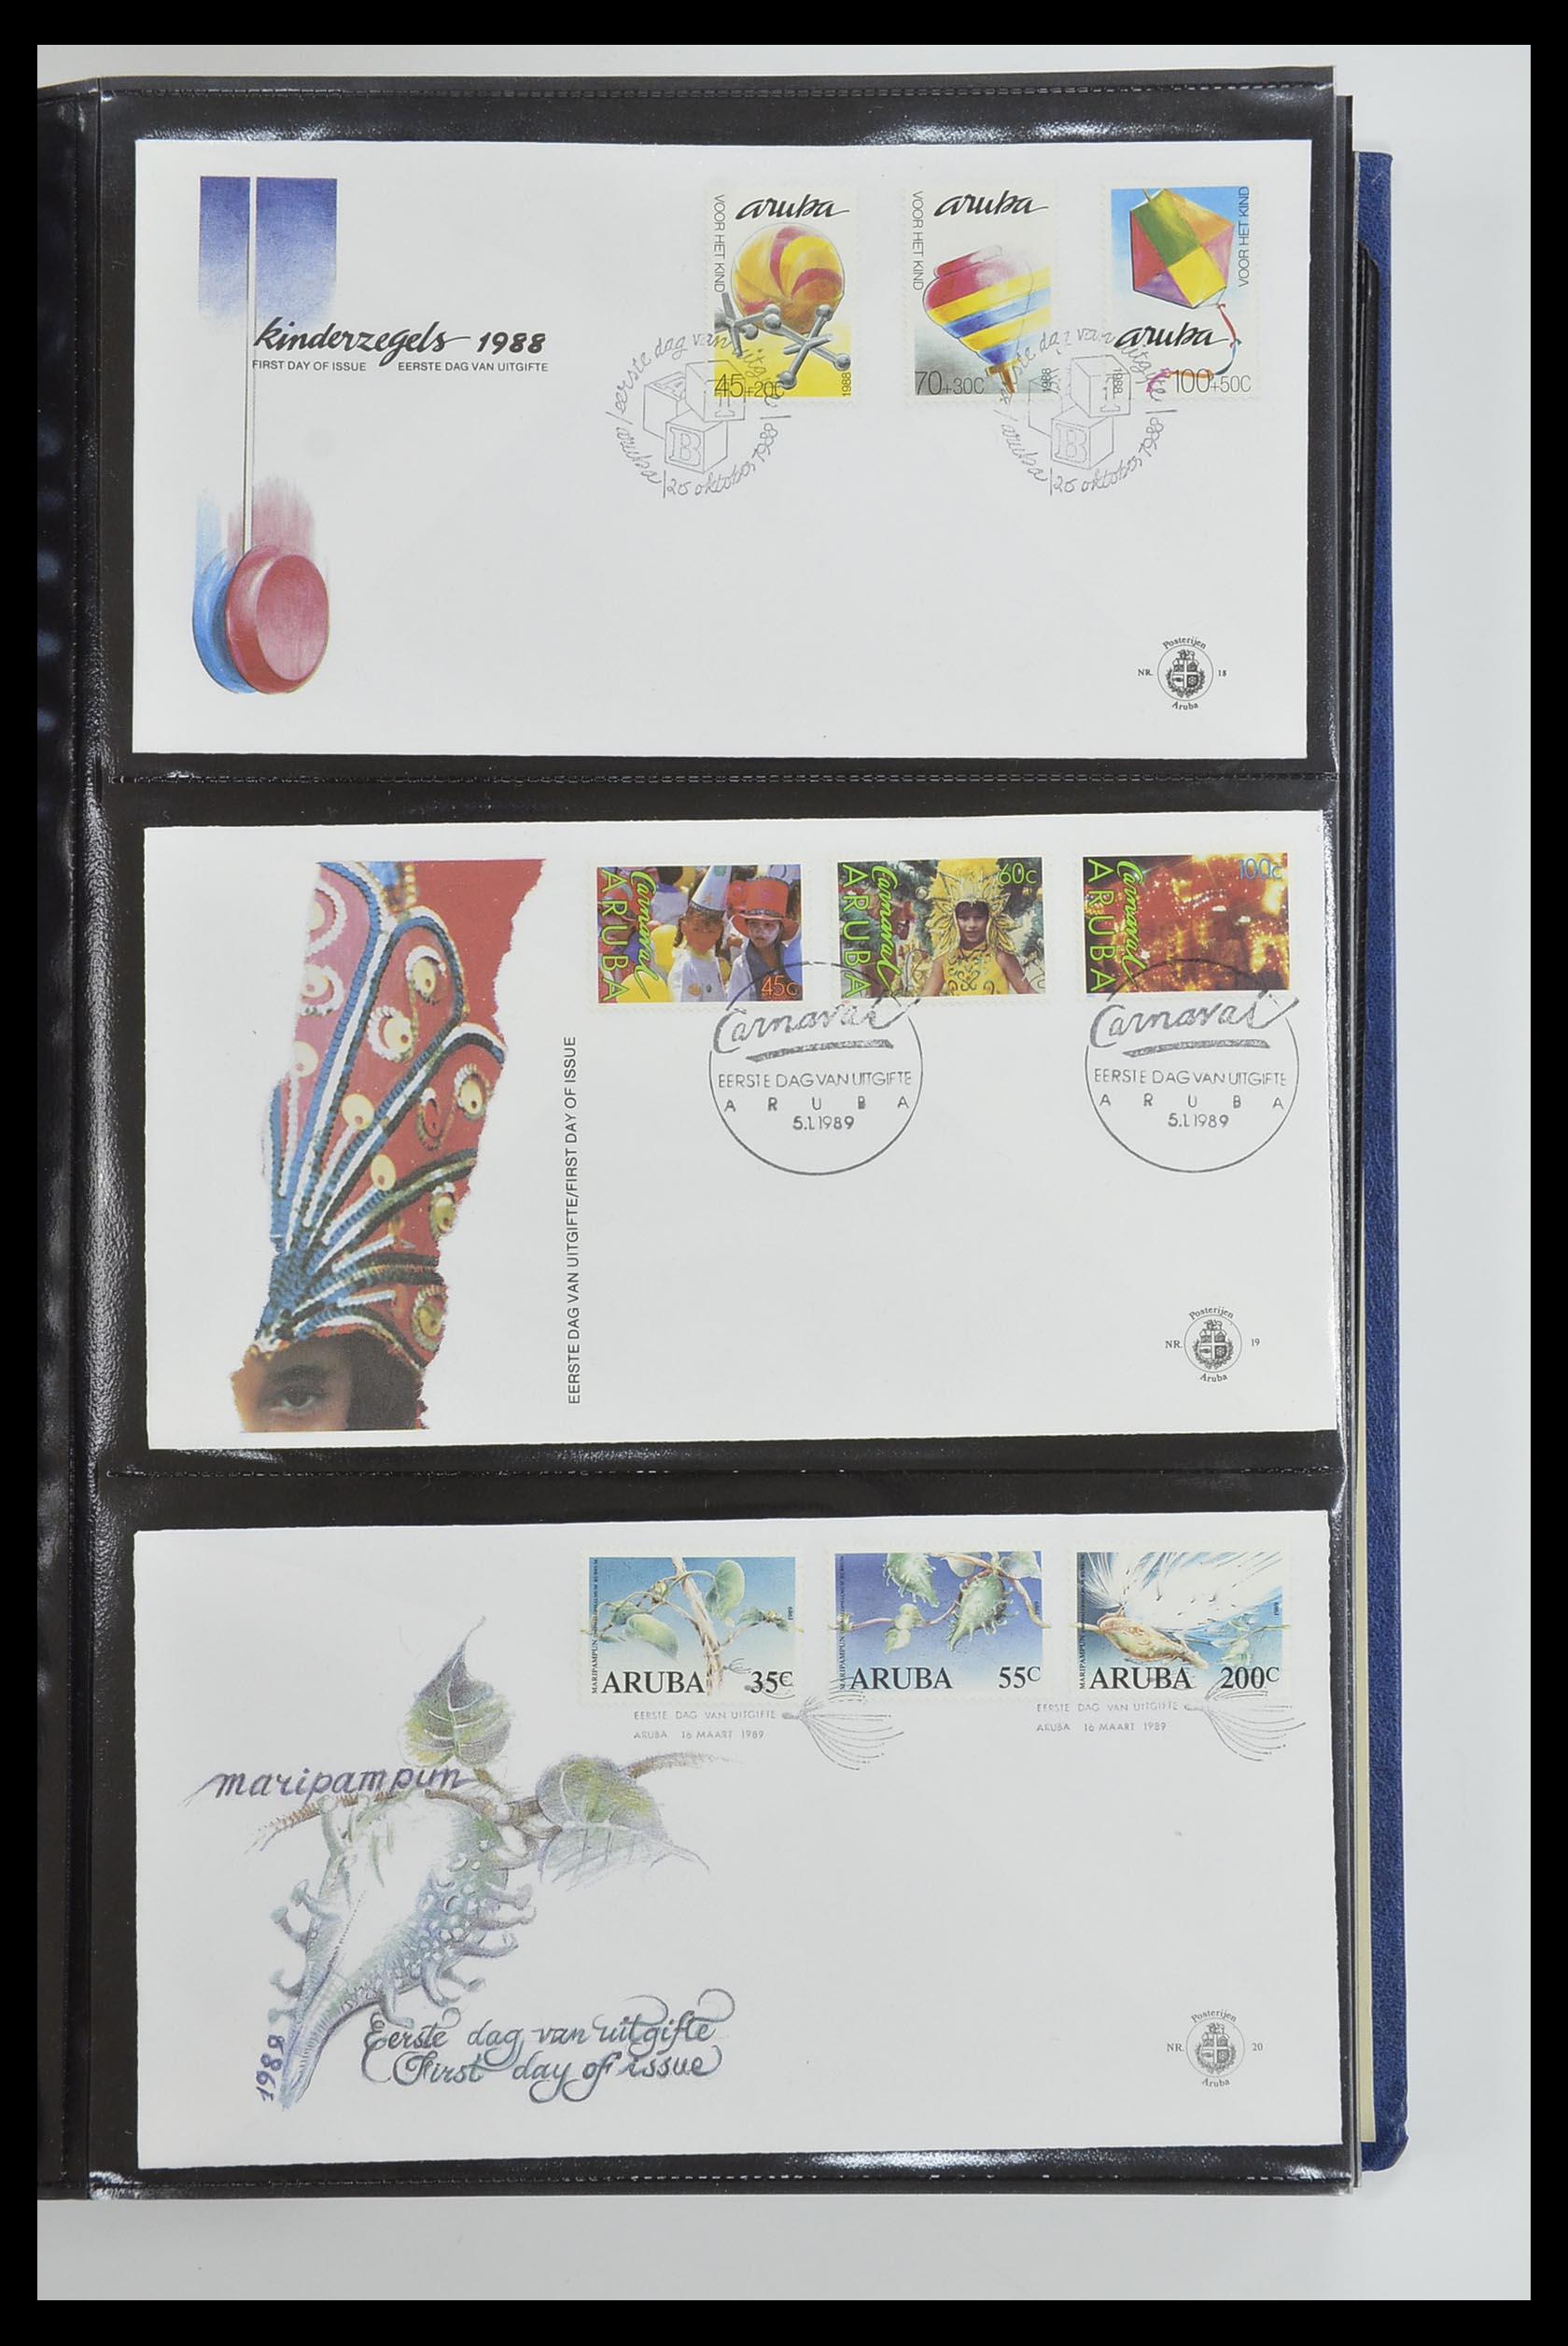 33585 007 - Postzegelverzameling 33585 Aruba FDC's 1986-2006.